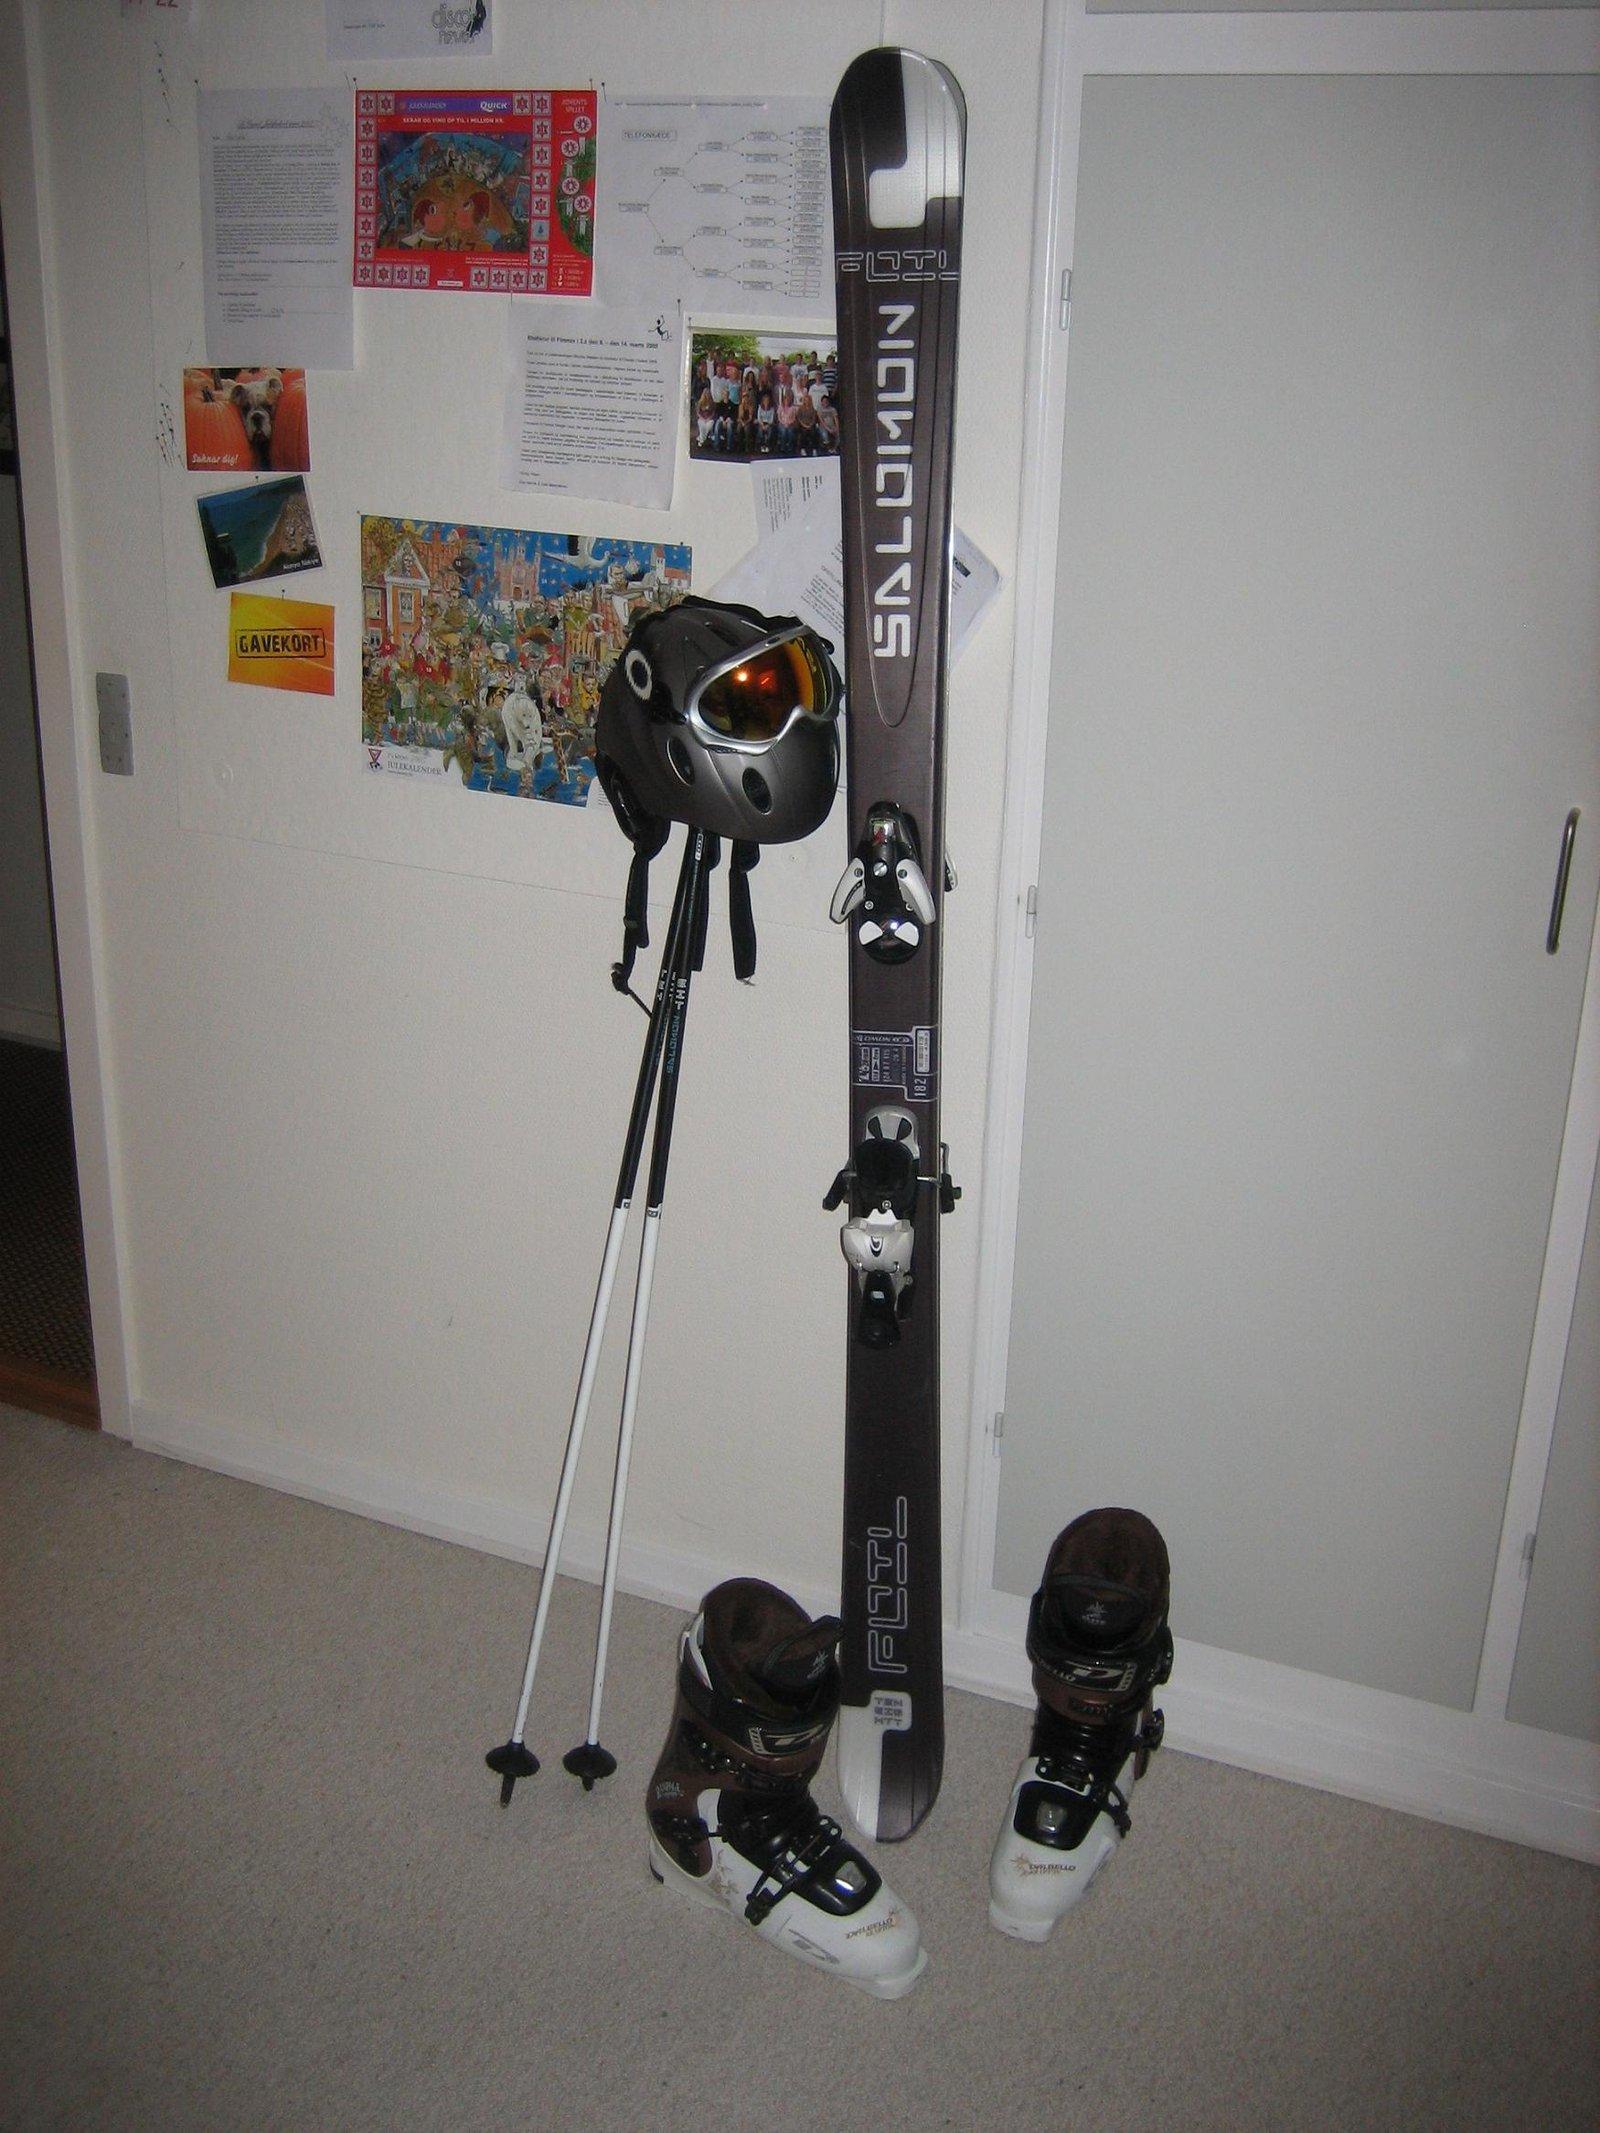 My equipment